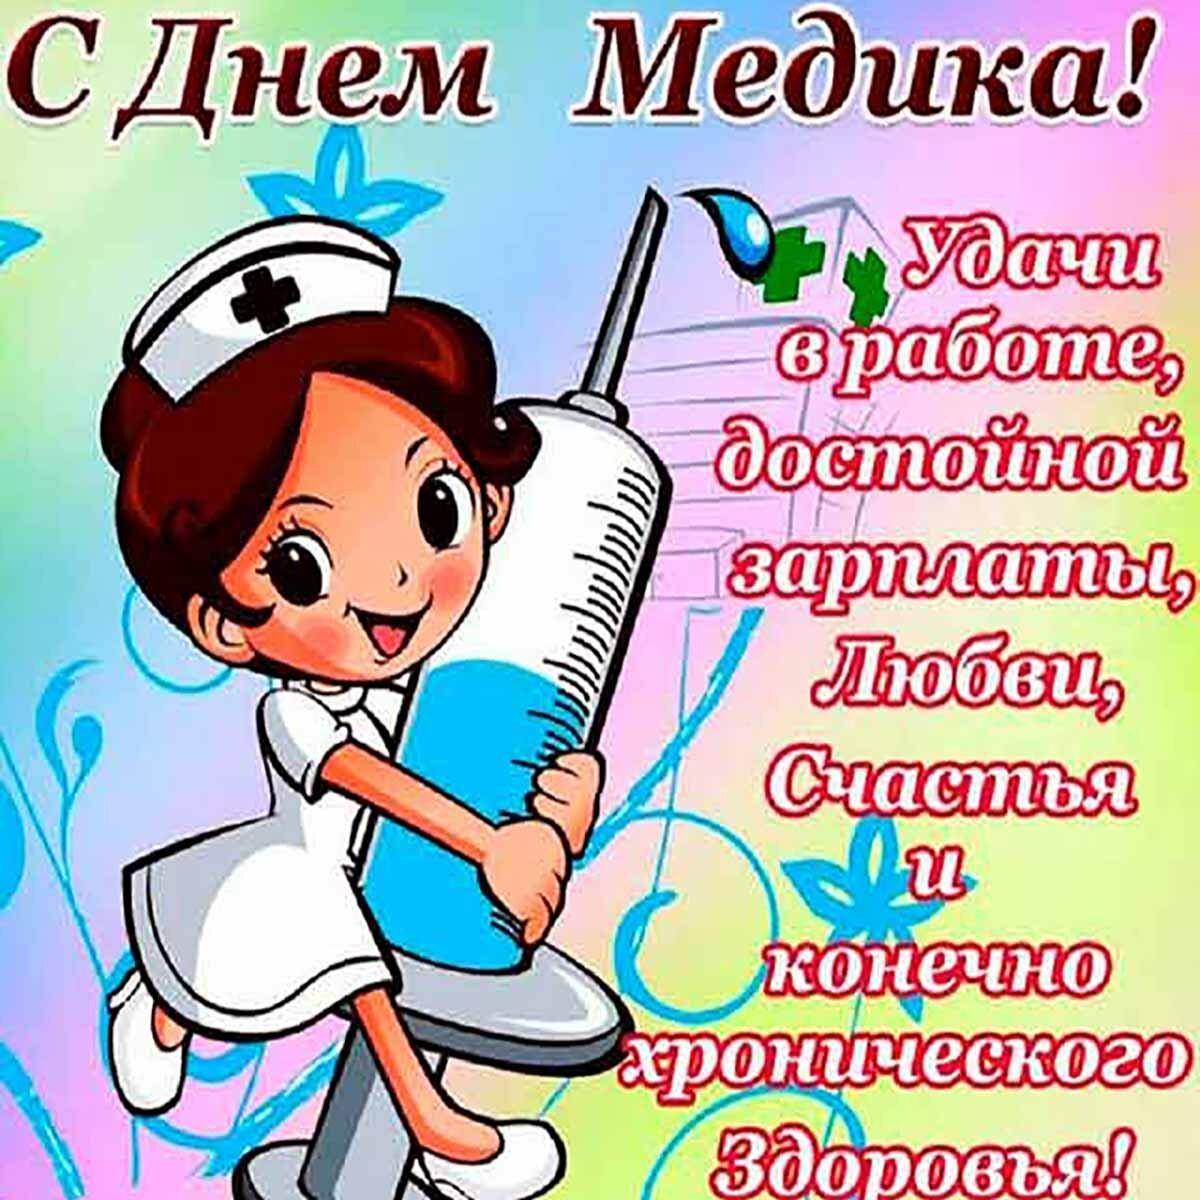 Поздравление для медиков открытки, открытке